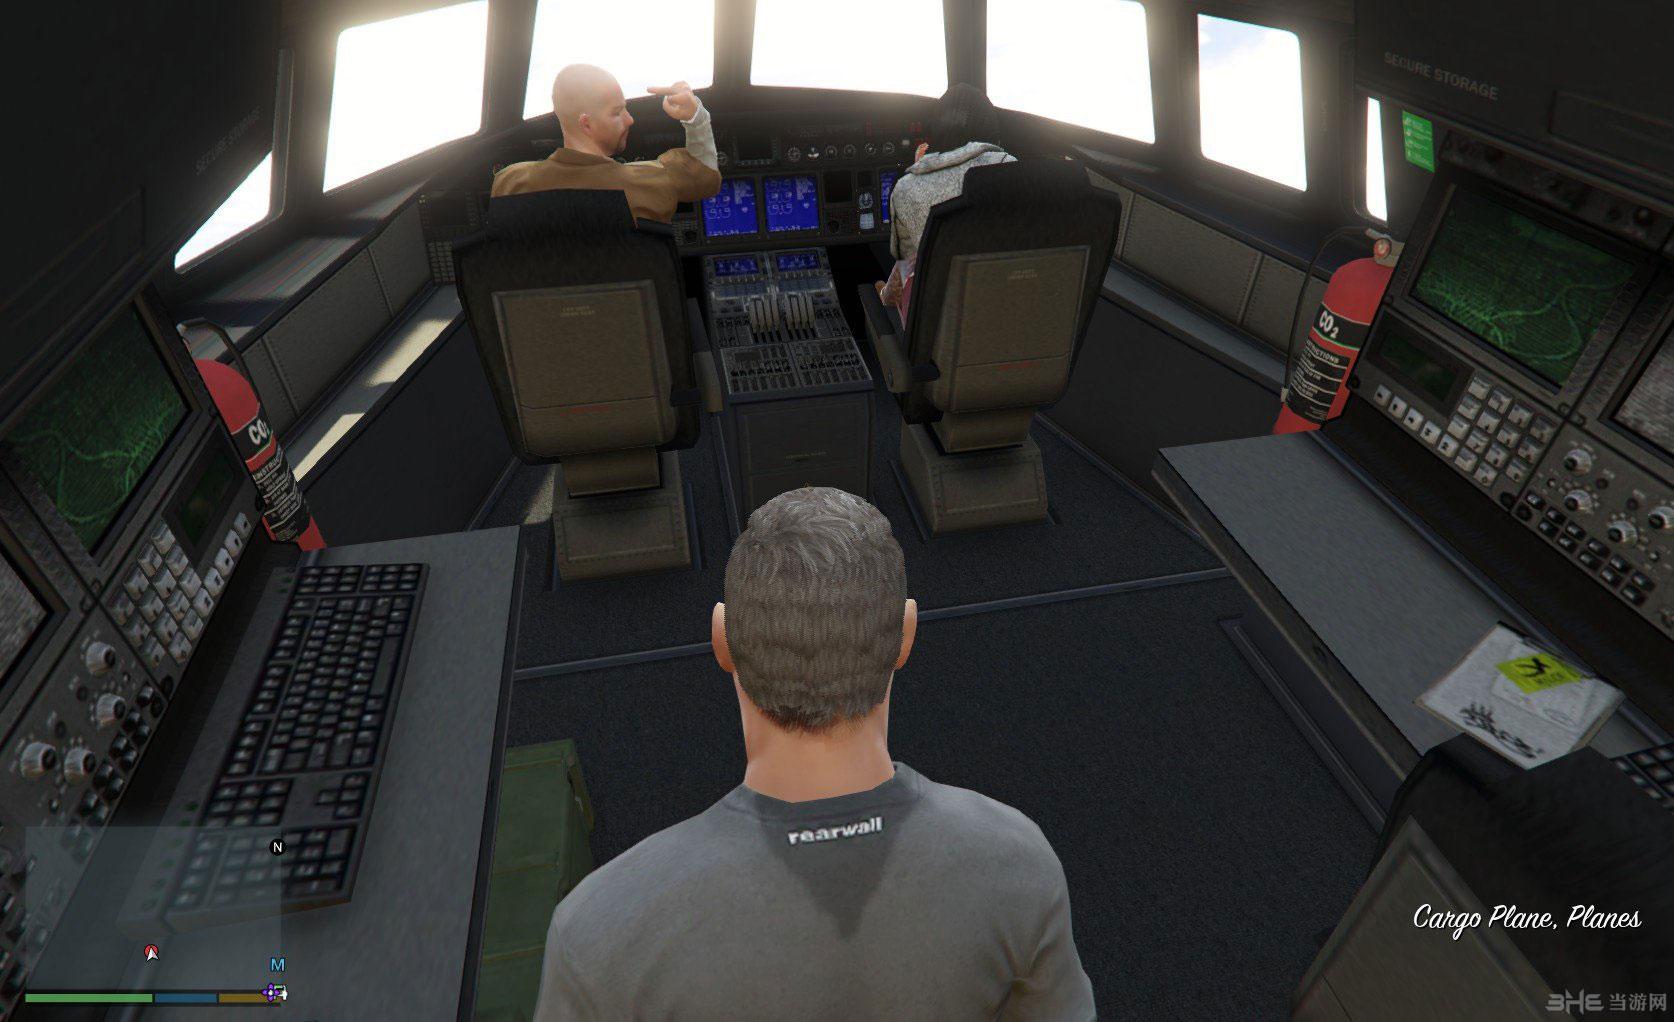 侠盗猎车手5自动驾驶仪:飞行的同时可以随意走动MOD截图1